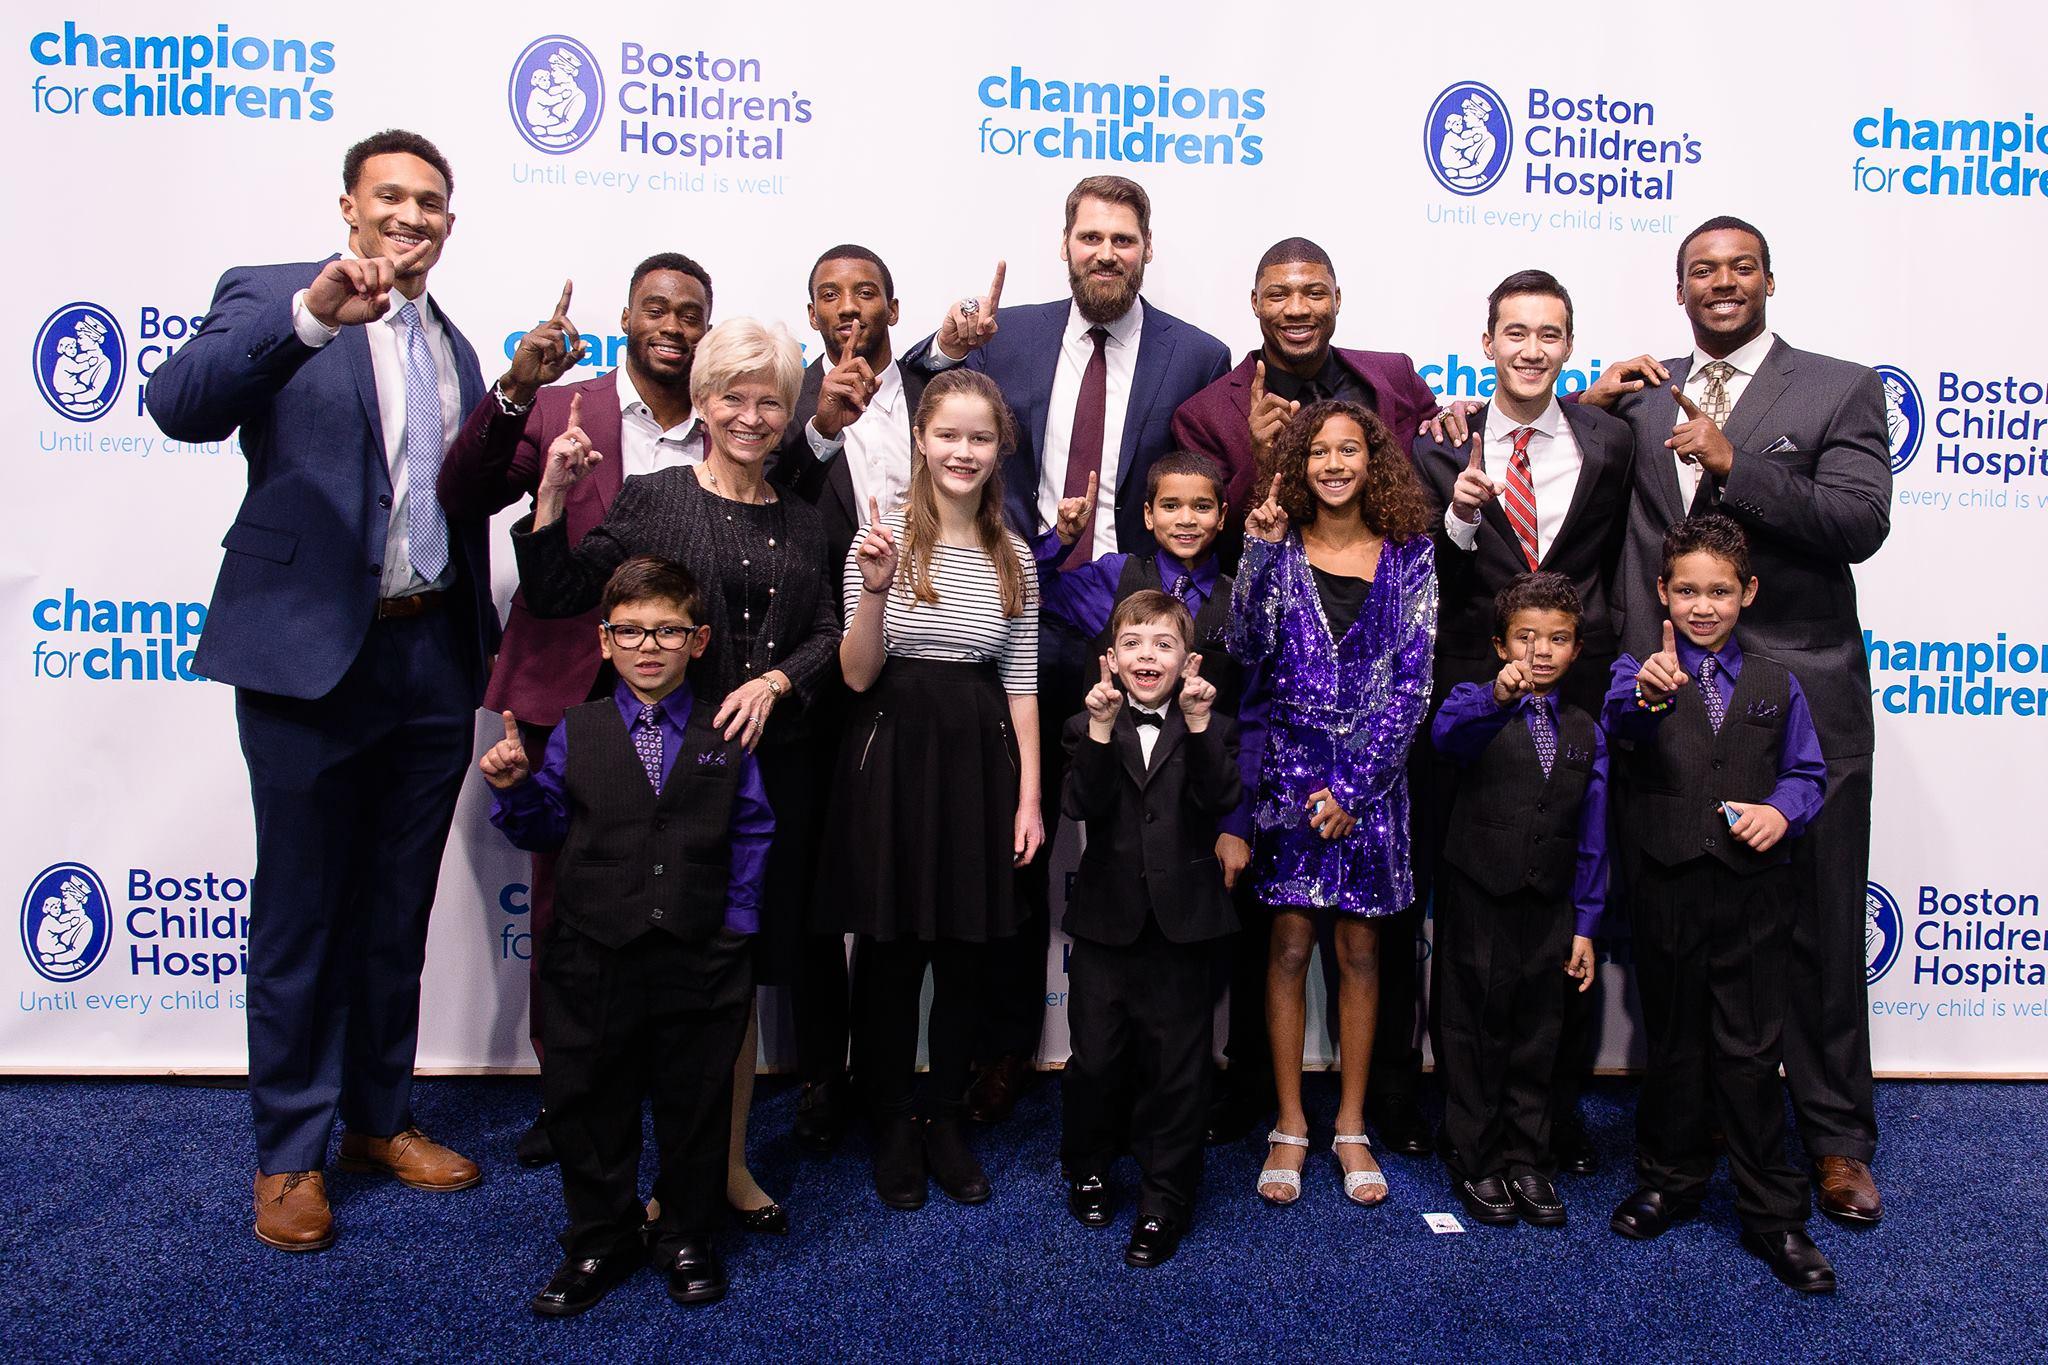 ESC fundraiser at Boston Children's Hospital